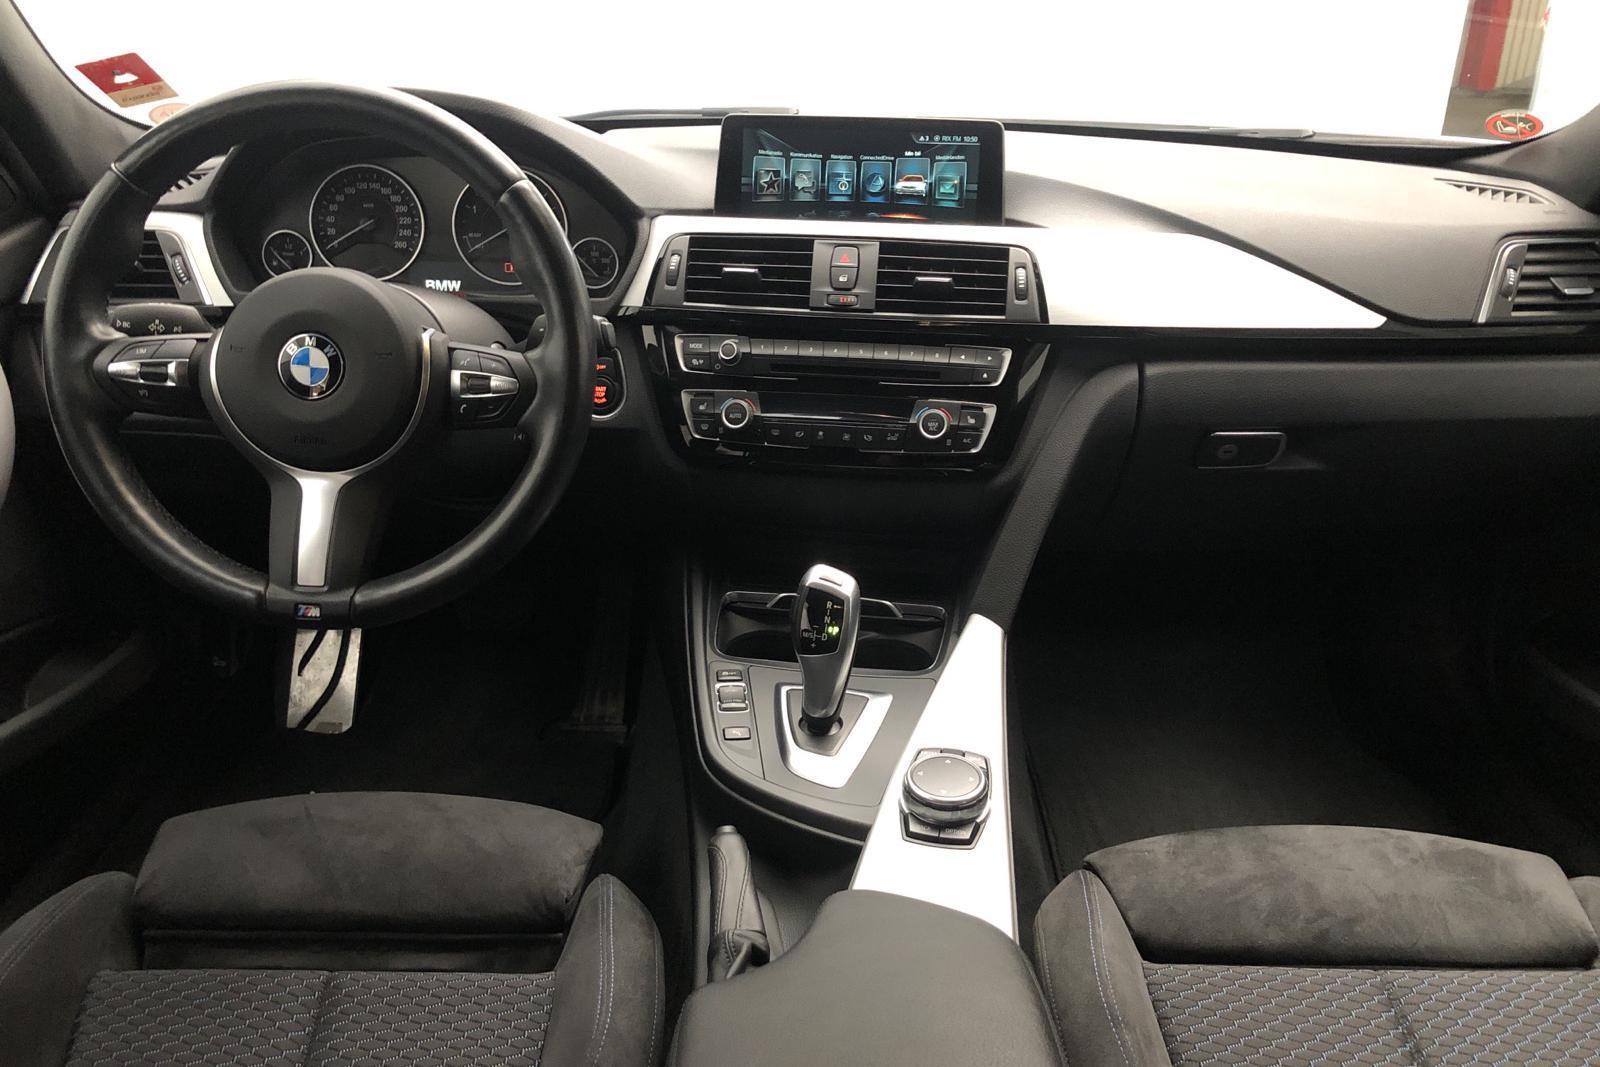 BMW 320d xDrive Touring, F31 (190hk) - 0 km - Automatic - white - 2017